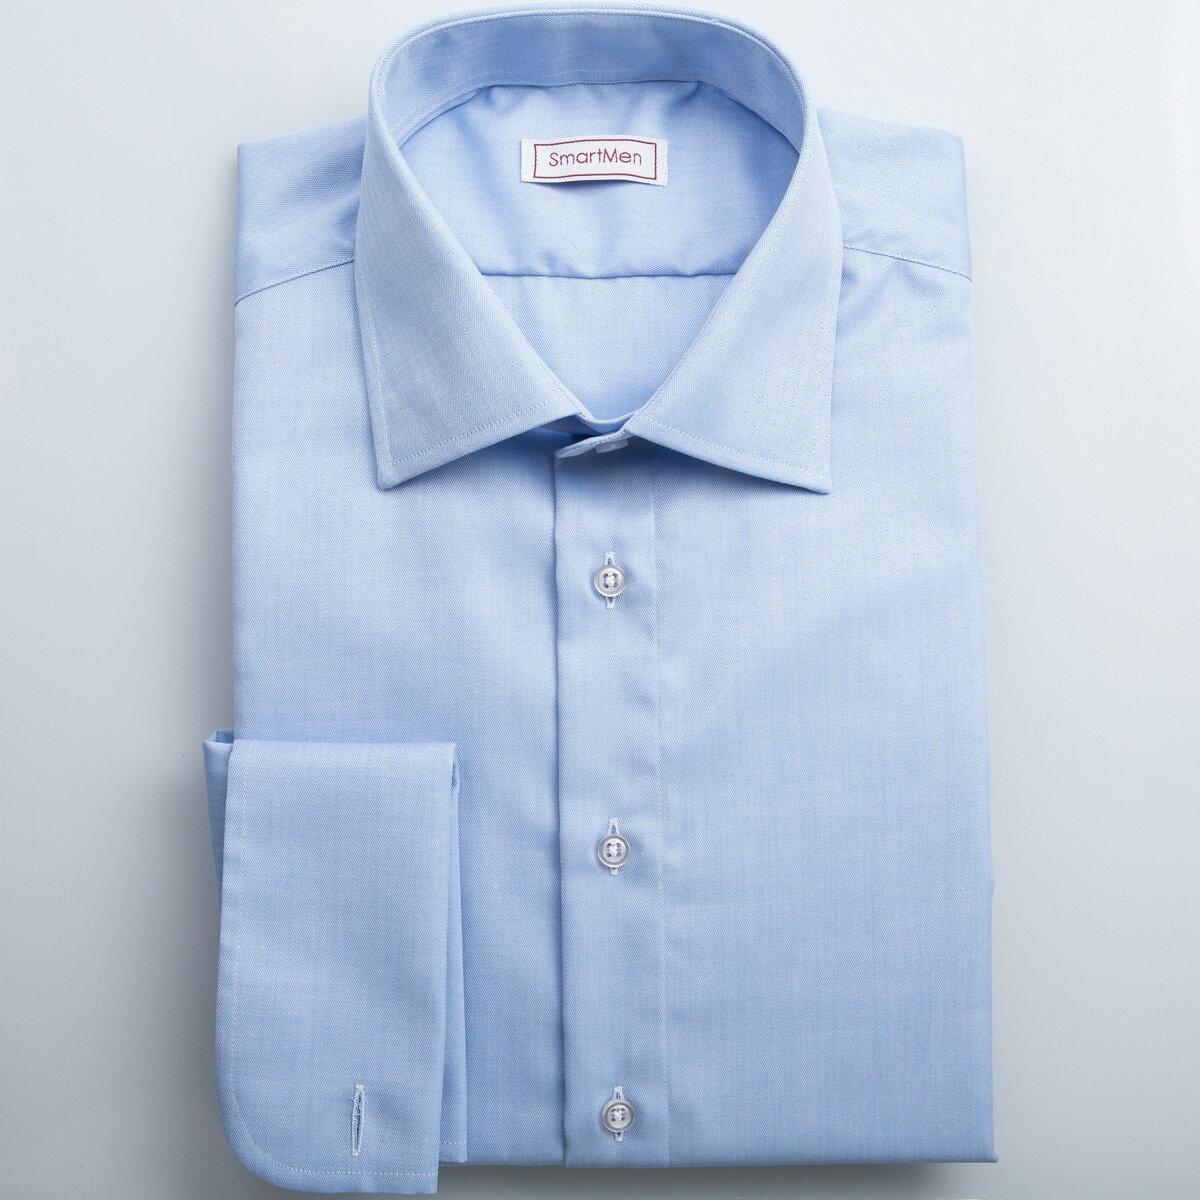 ac7e7d4cd5e3 Modrá košeľa pánska luxusná na manžetové gombíky SmartMen